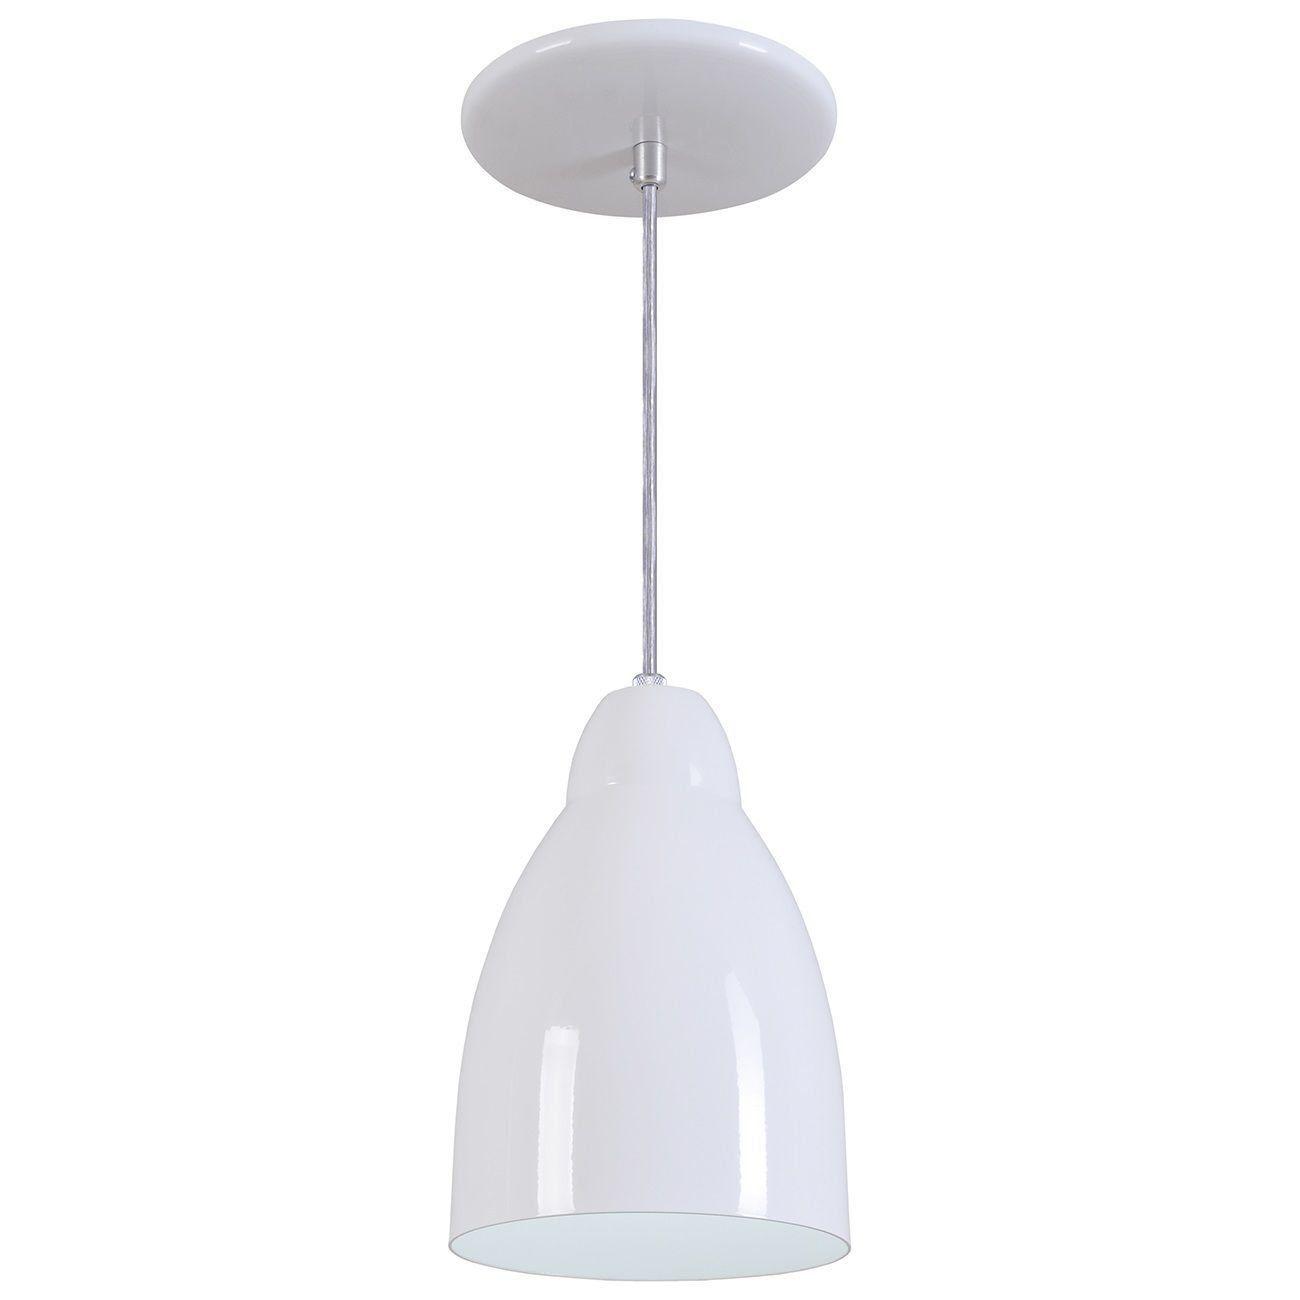 Pendente Bala Luminária Lustre Alumínio Branco Brilhante - Rei Da Iluminação